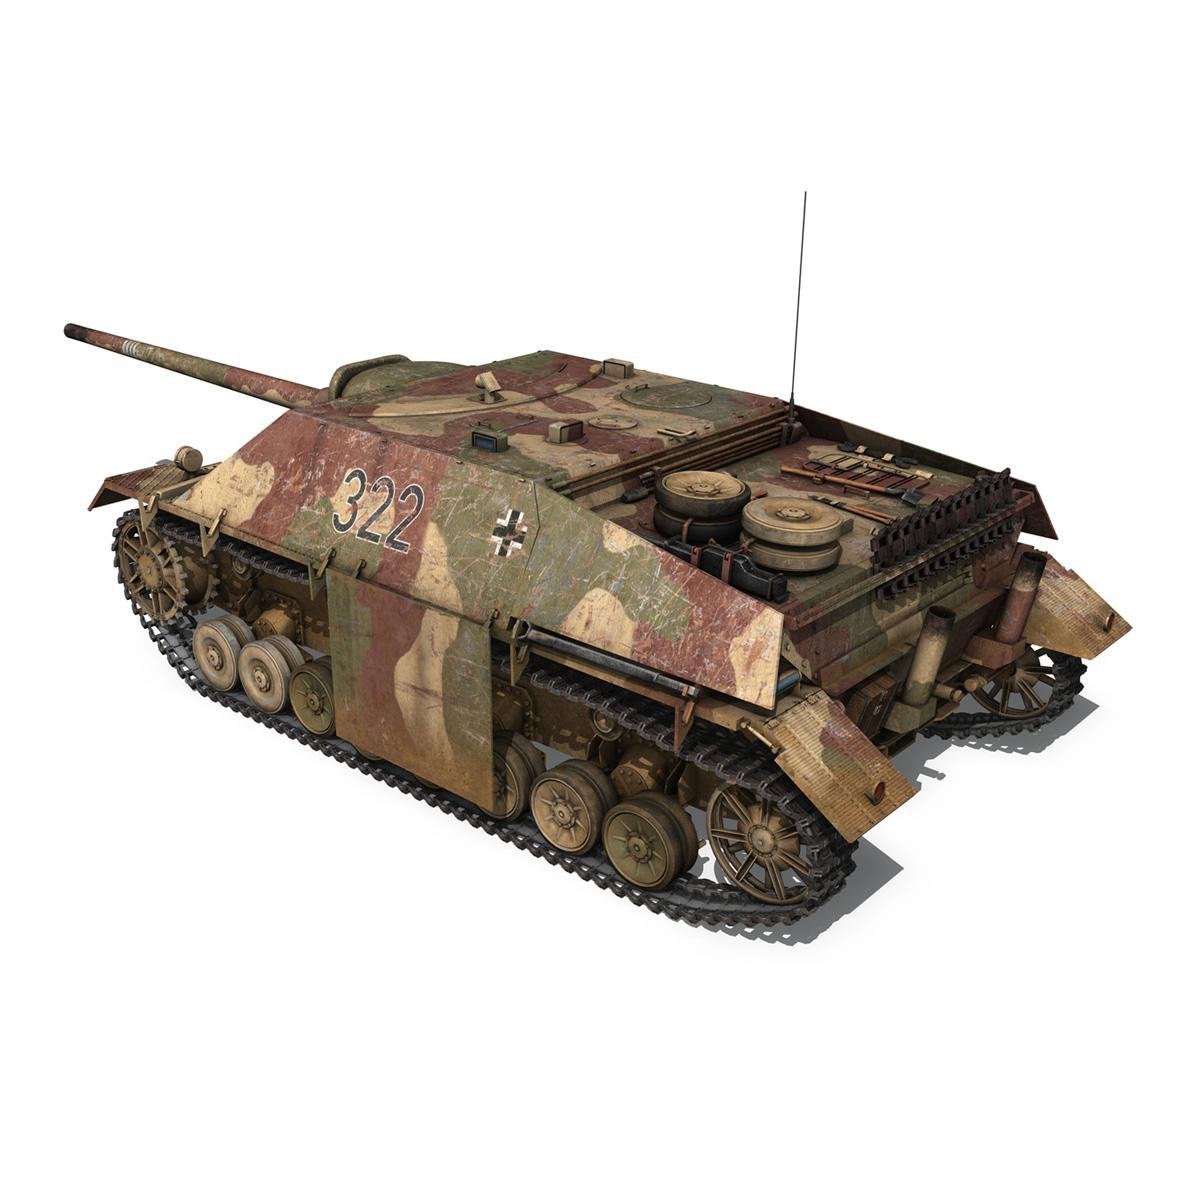 jagdpanzer iv l/70 (v) – 322 – late production 3d model 3ds fbx c4d lwo obj 282349